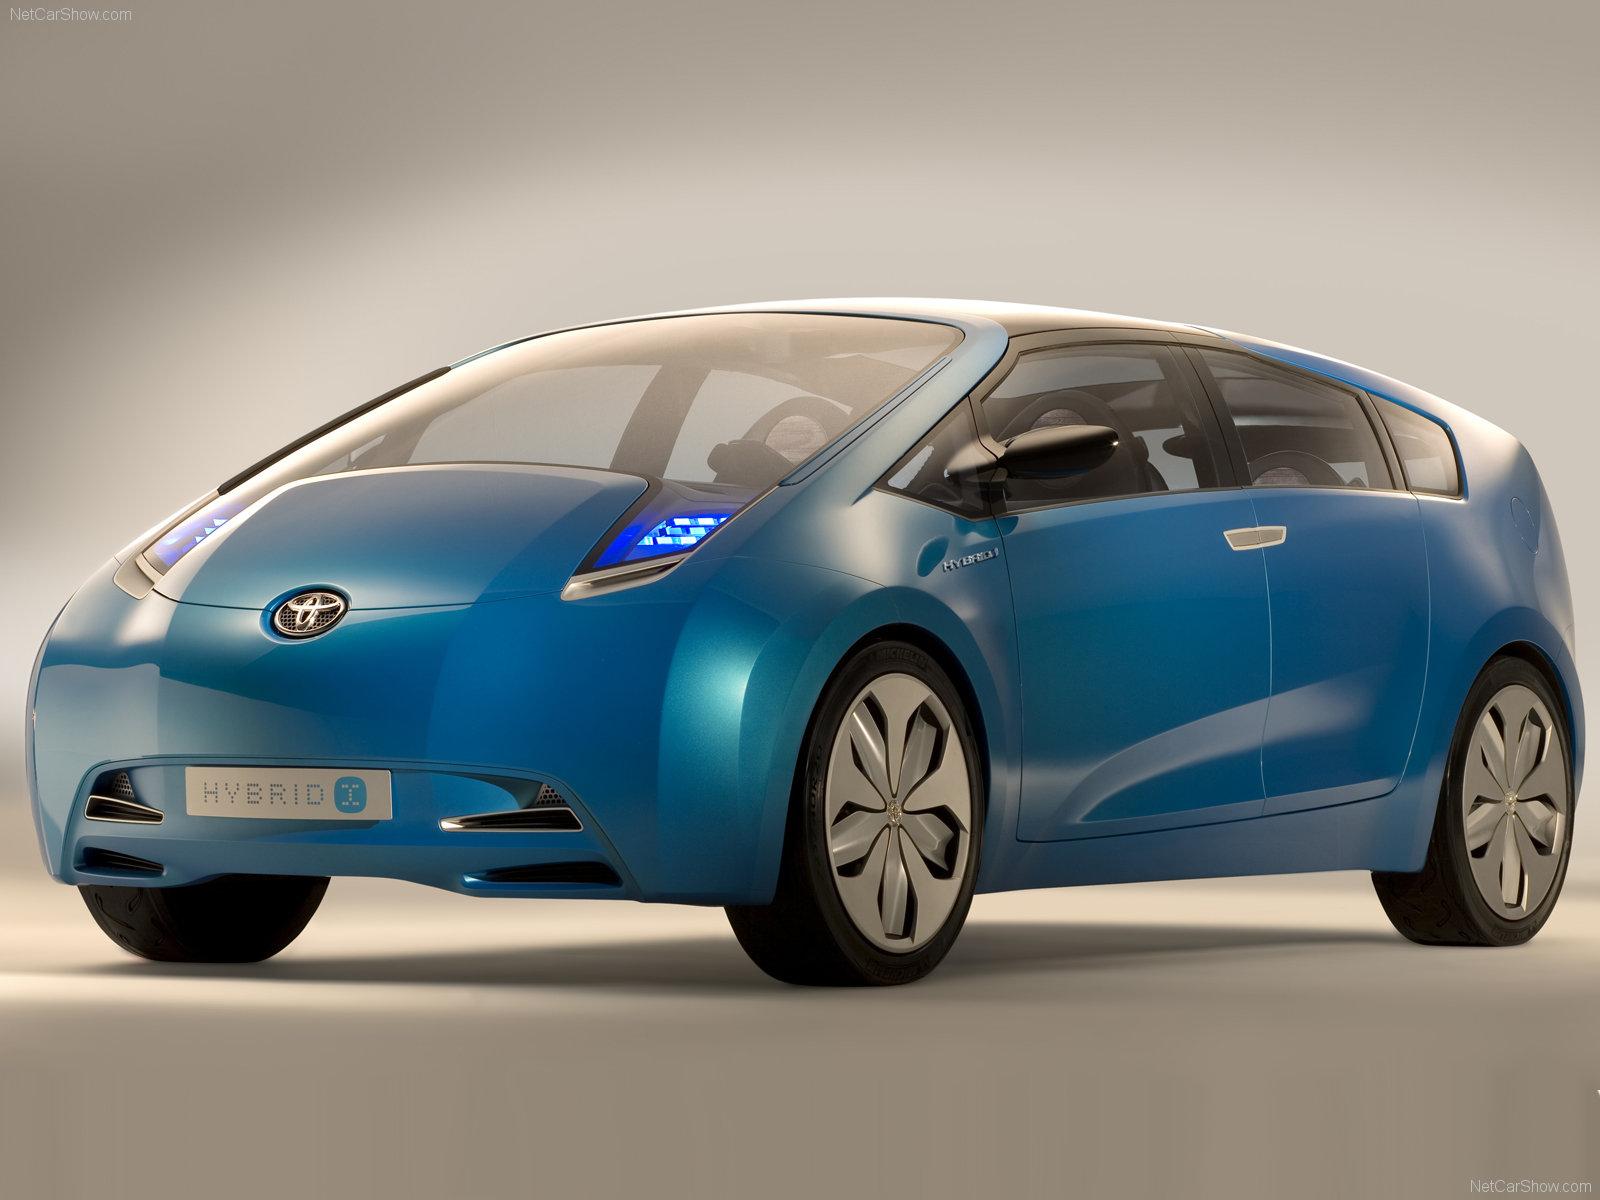 Toyota Estima (Тойота Эстима) - Продажа, Цены, Отзывы ...